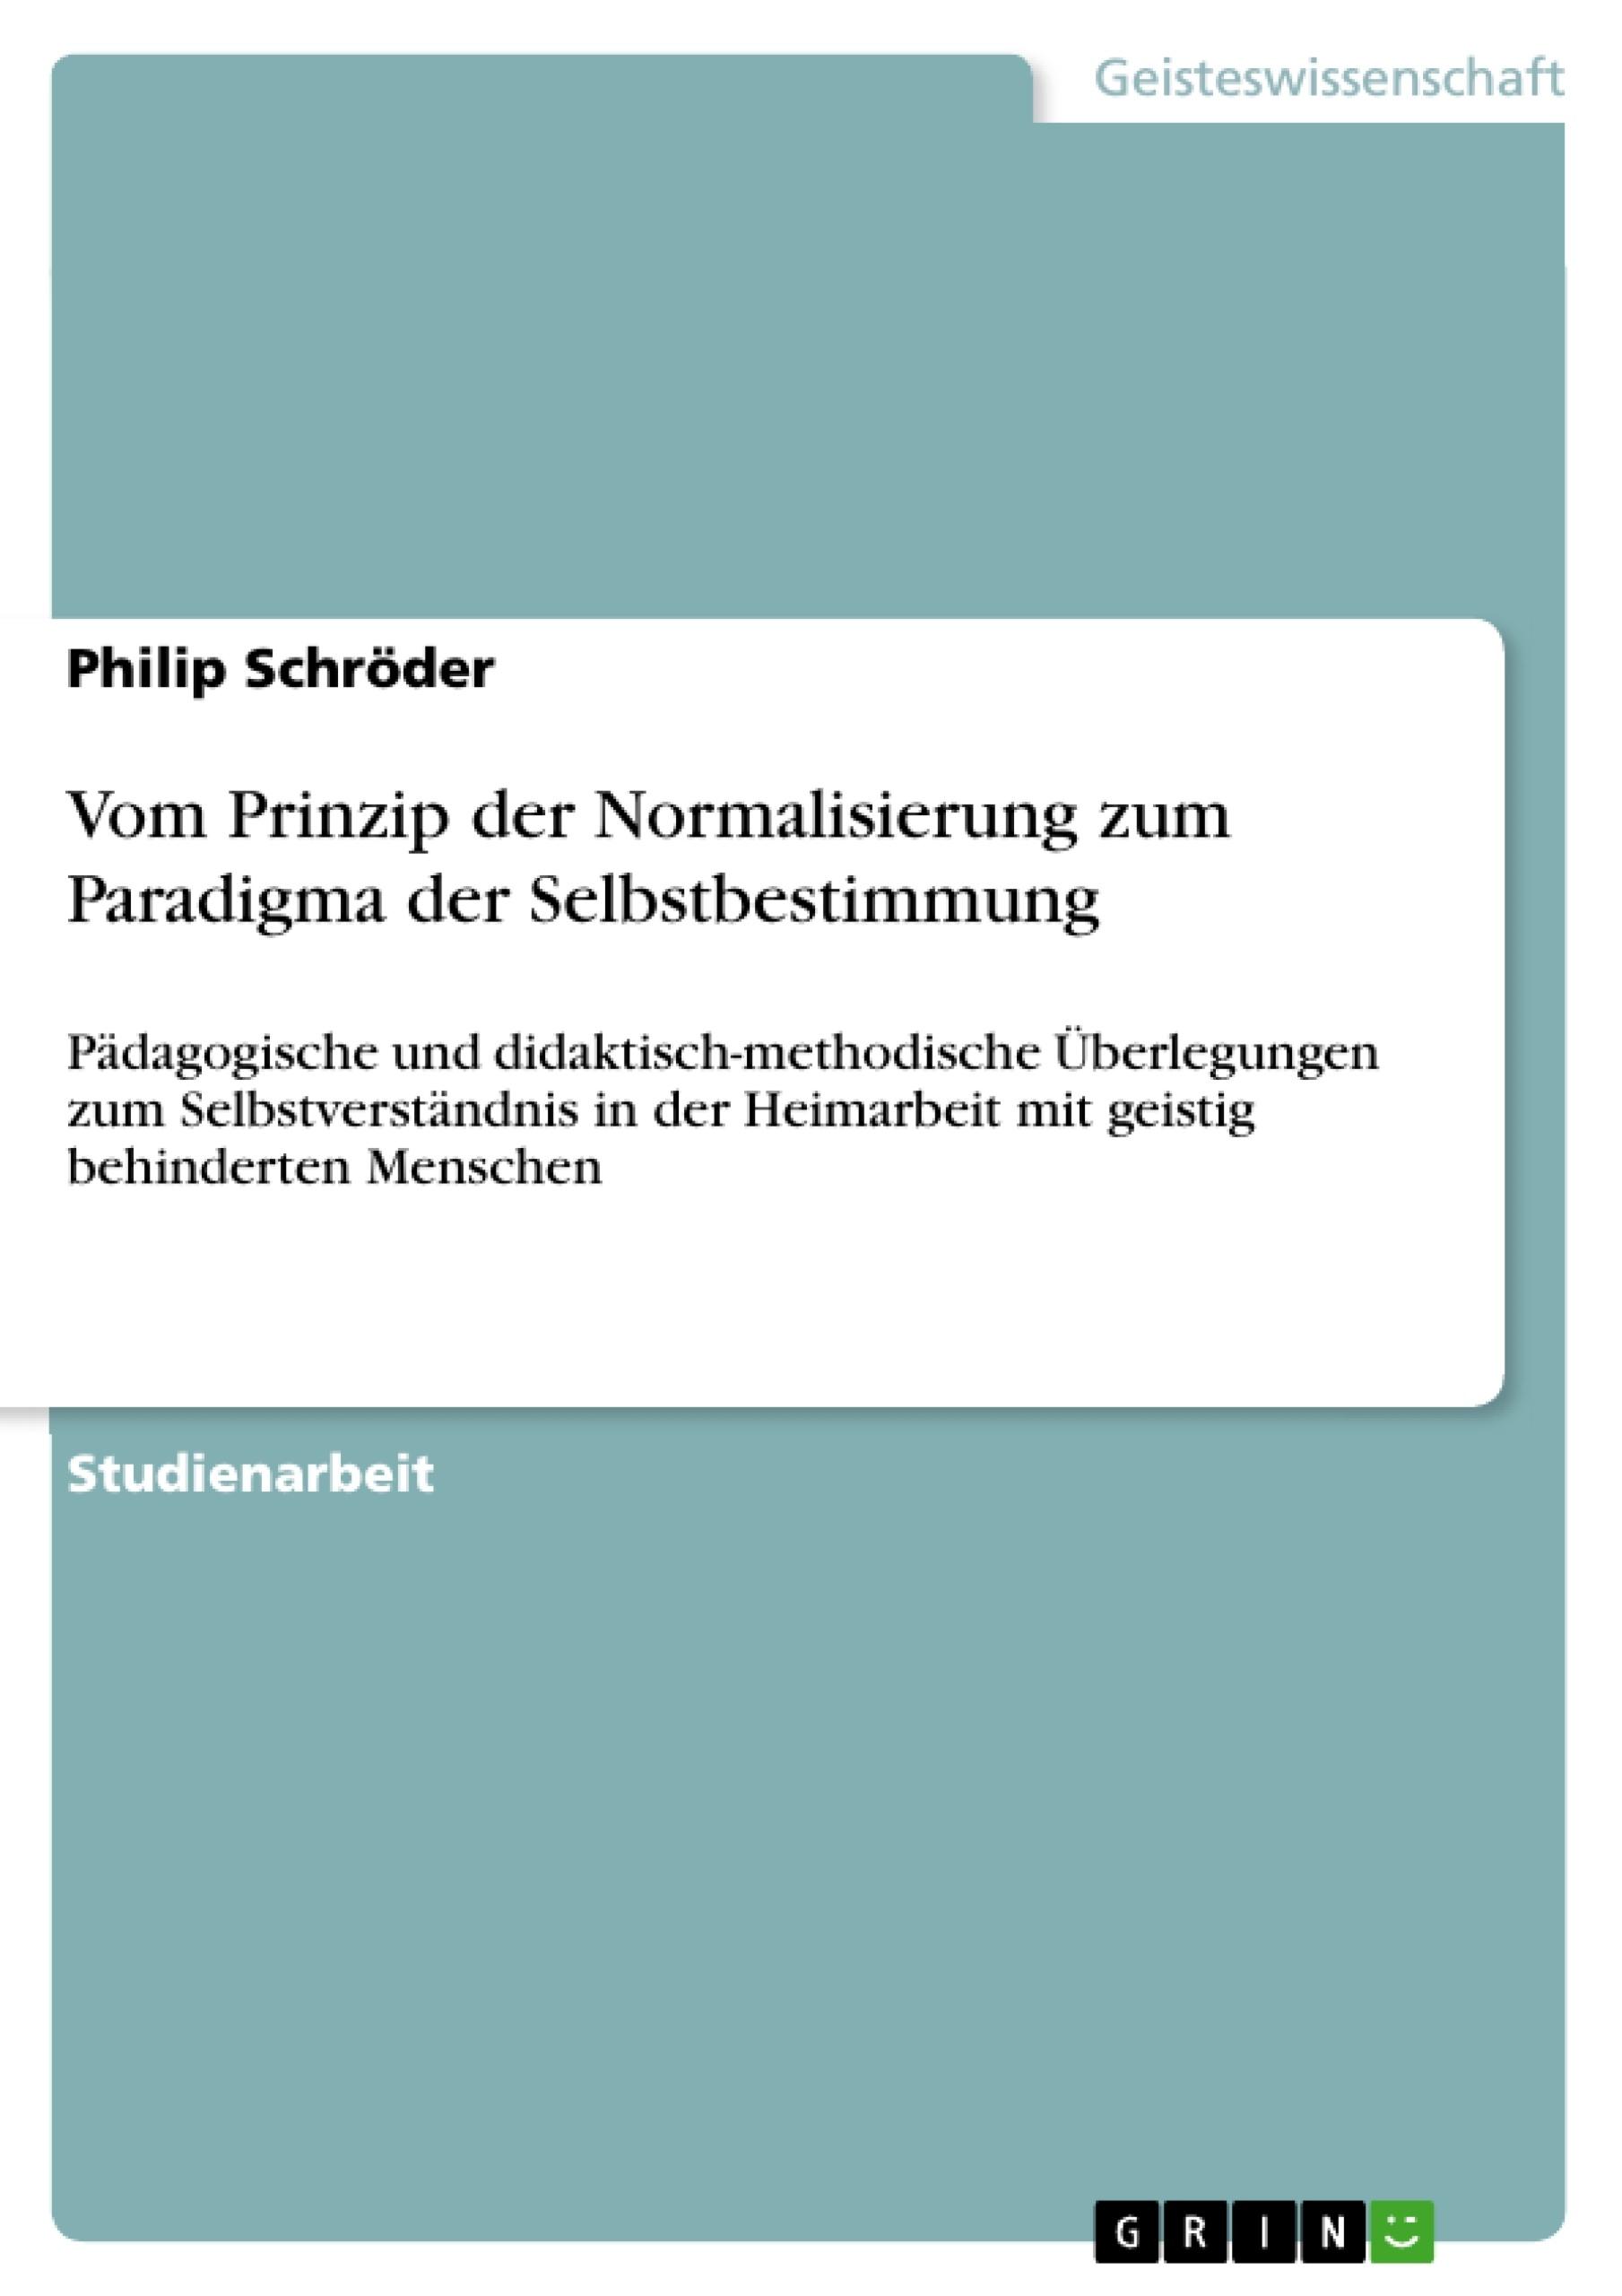 Titel: Vom Prinzip der Normalisierung zum Paradigma der Selbstbestimmung